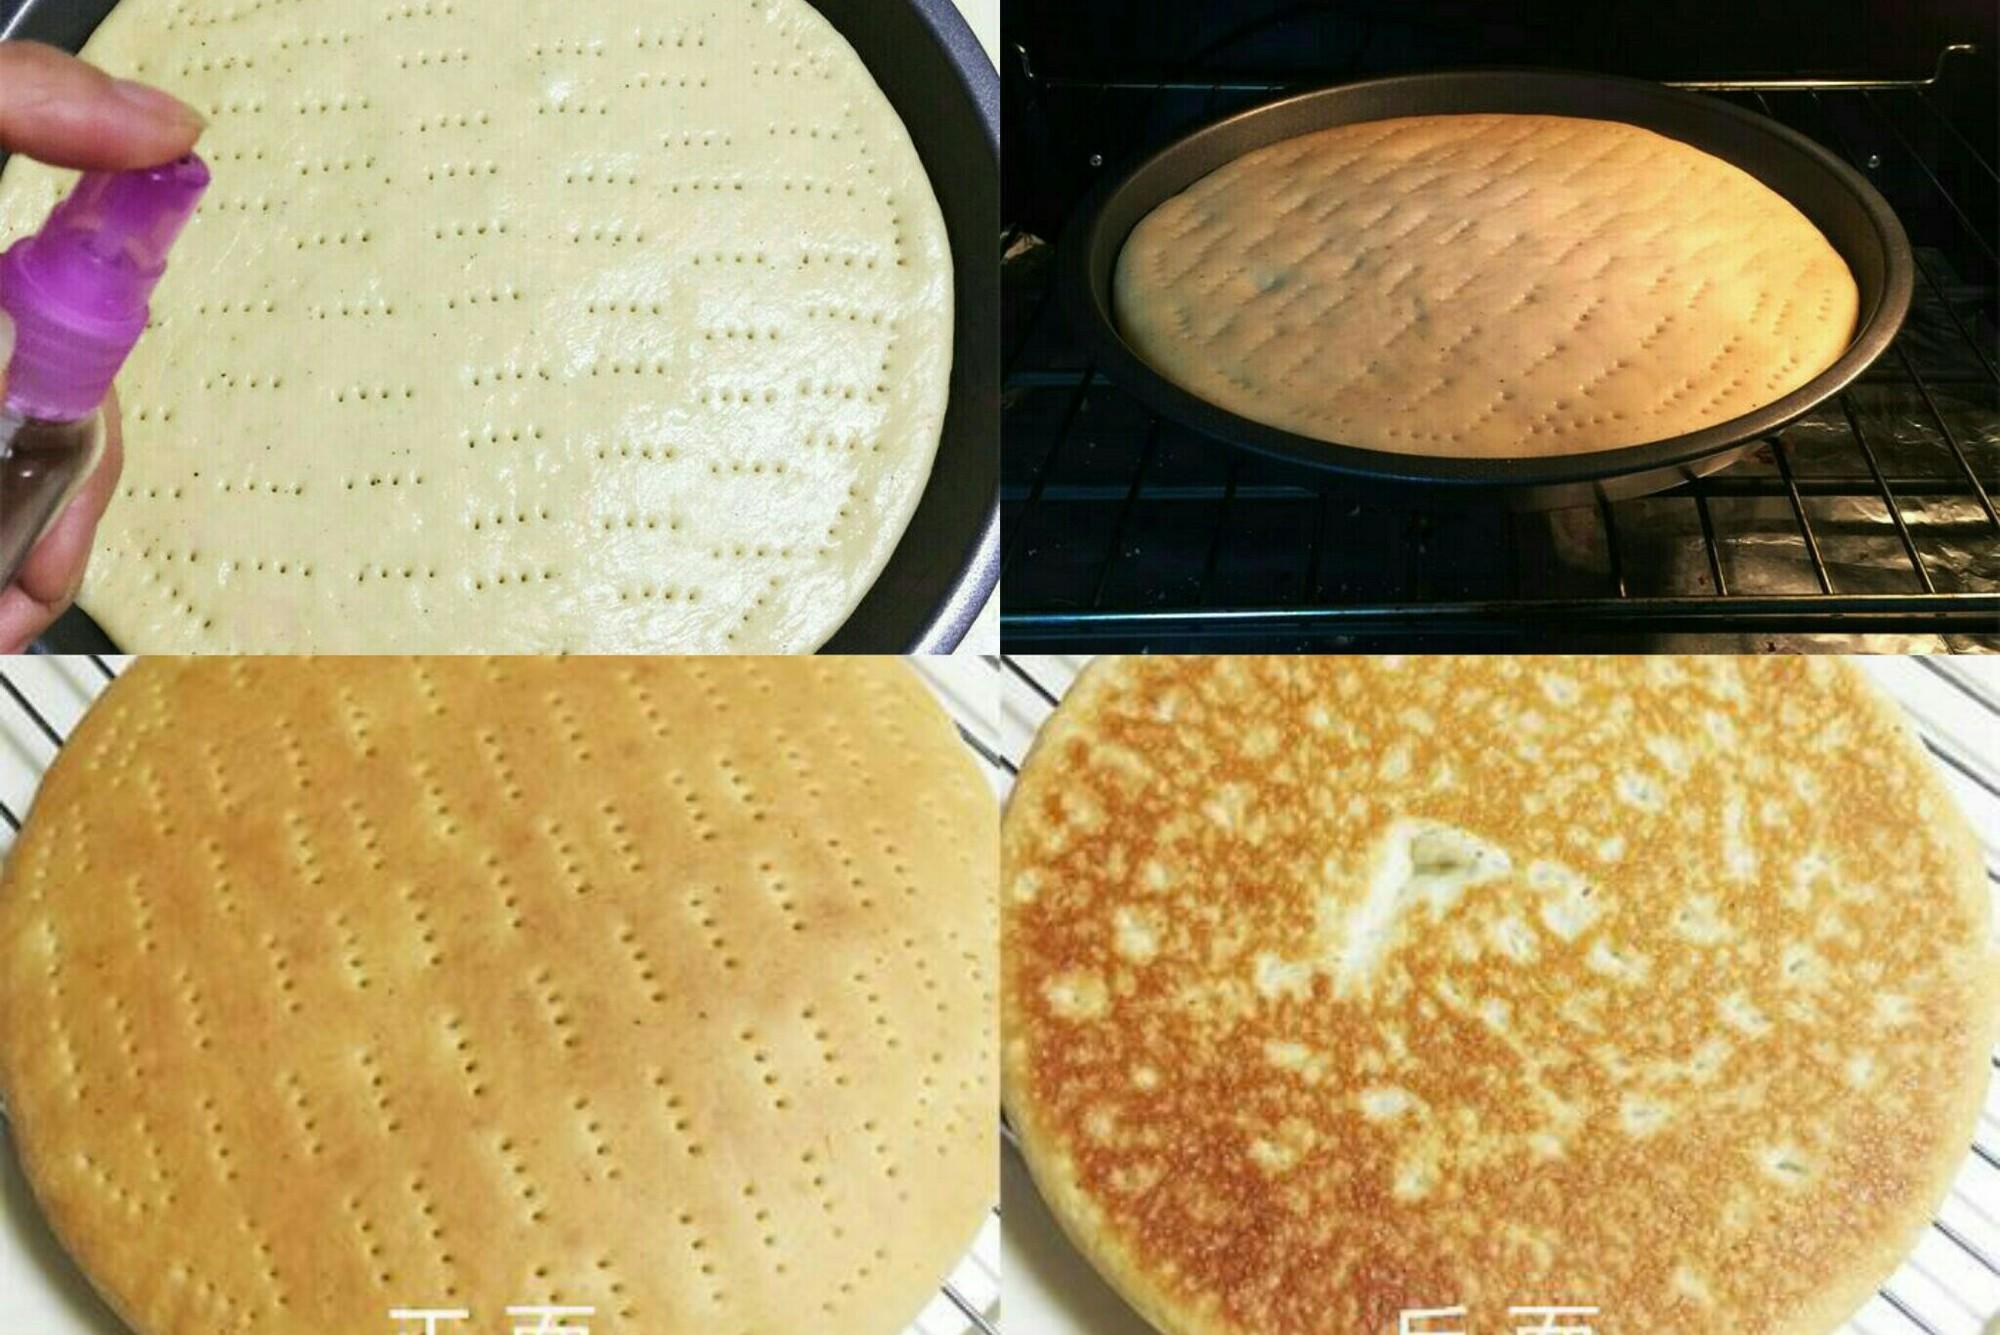 Mách bạn món bánh mì kiểu mới vừa mềm ngon lại làm nhanh - ảnh 4